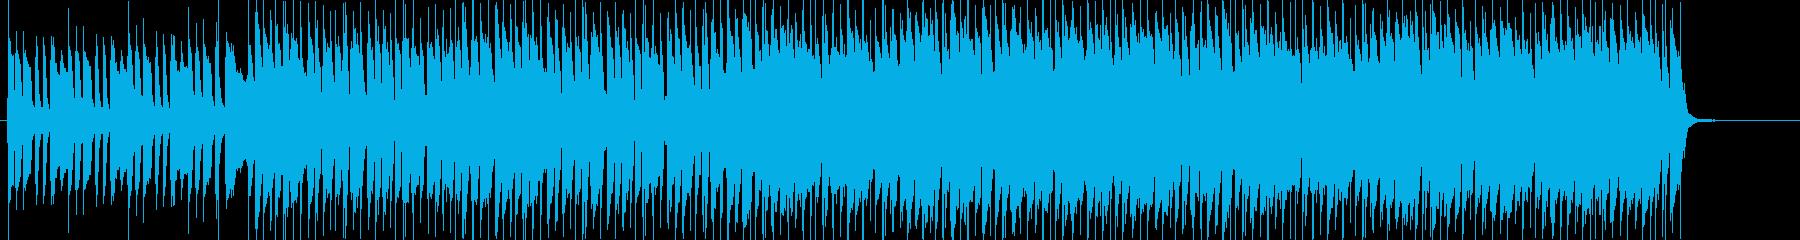 正統派アイドル可愛いポップス【ループ可】の再生済みの波形